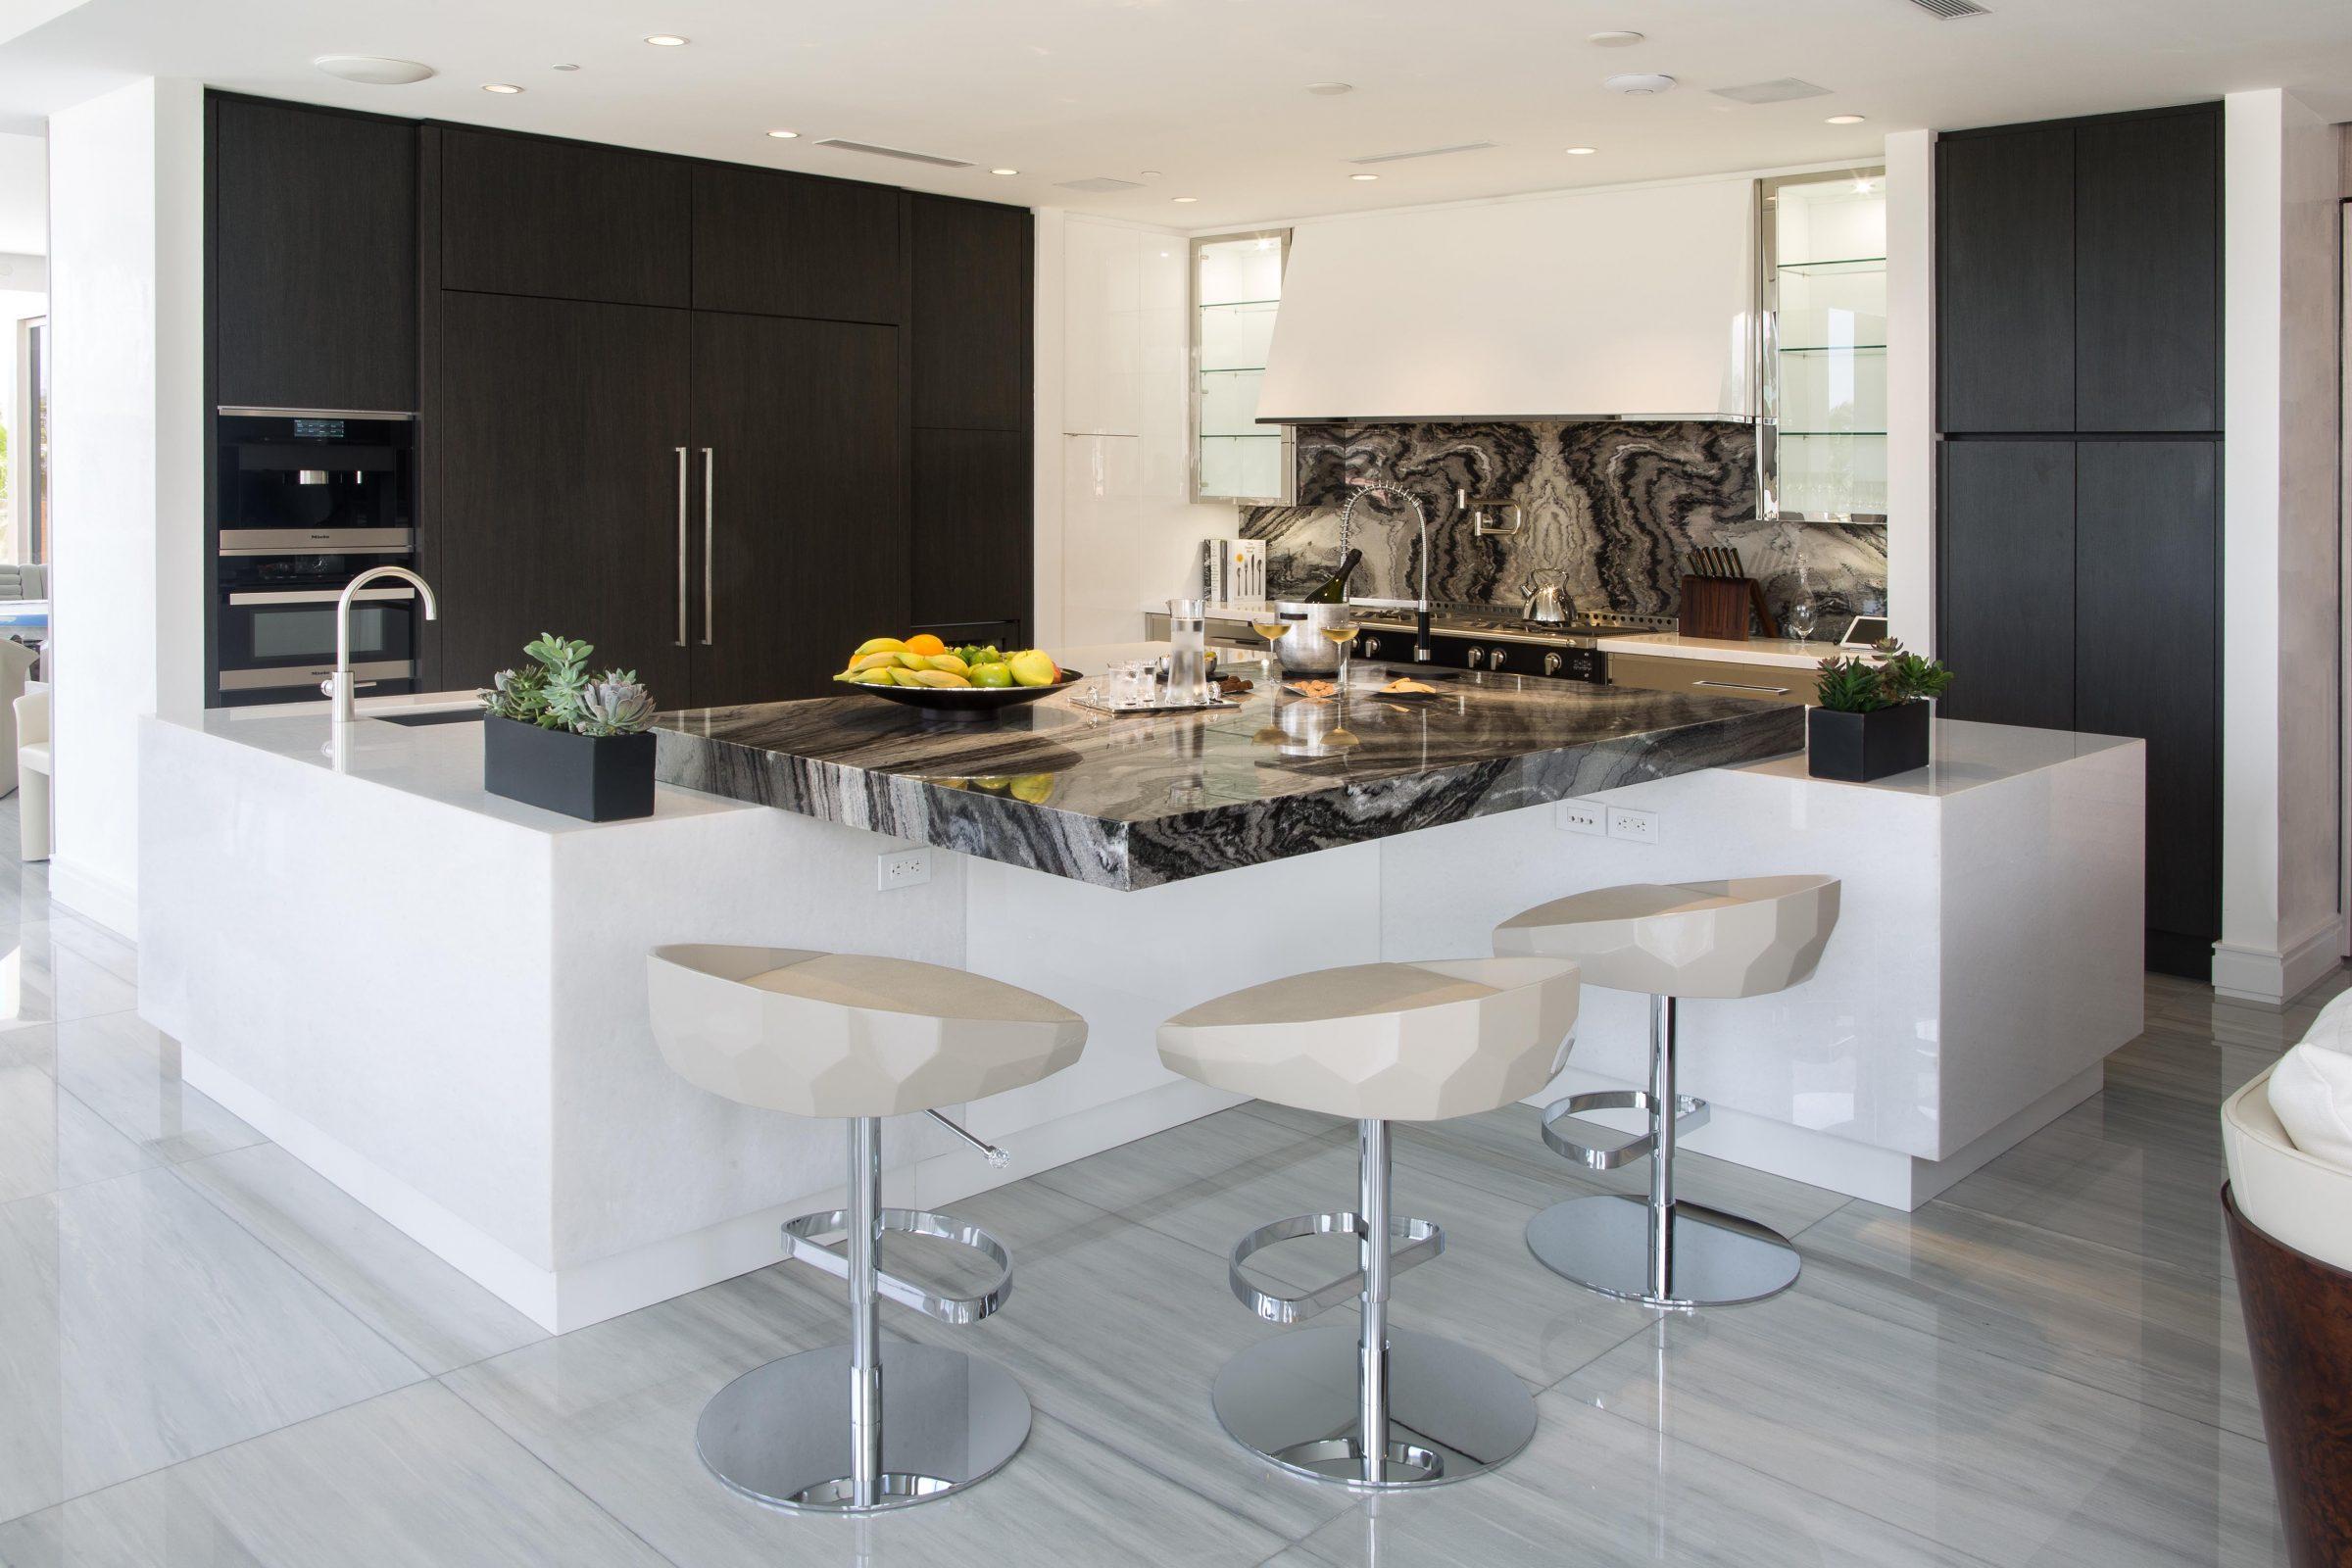 Kitchen-1-2400x1600.jpg